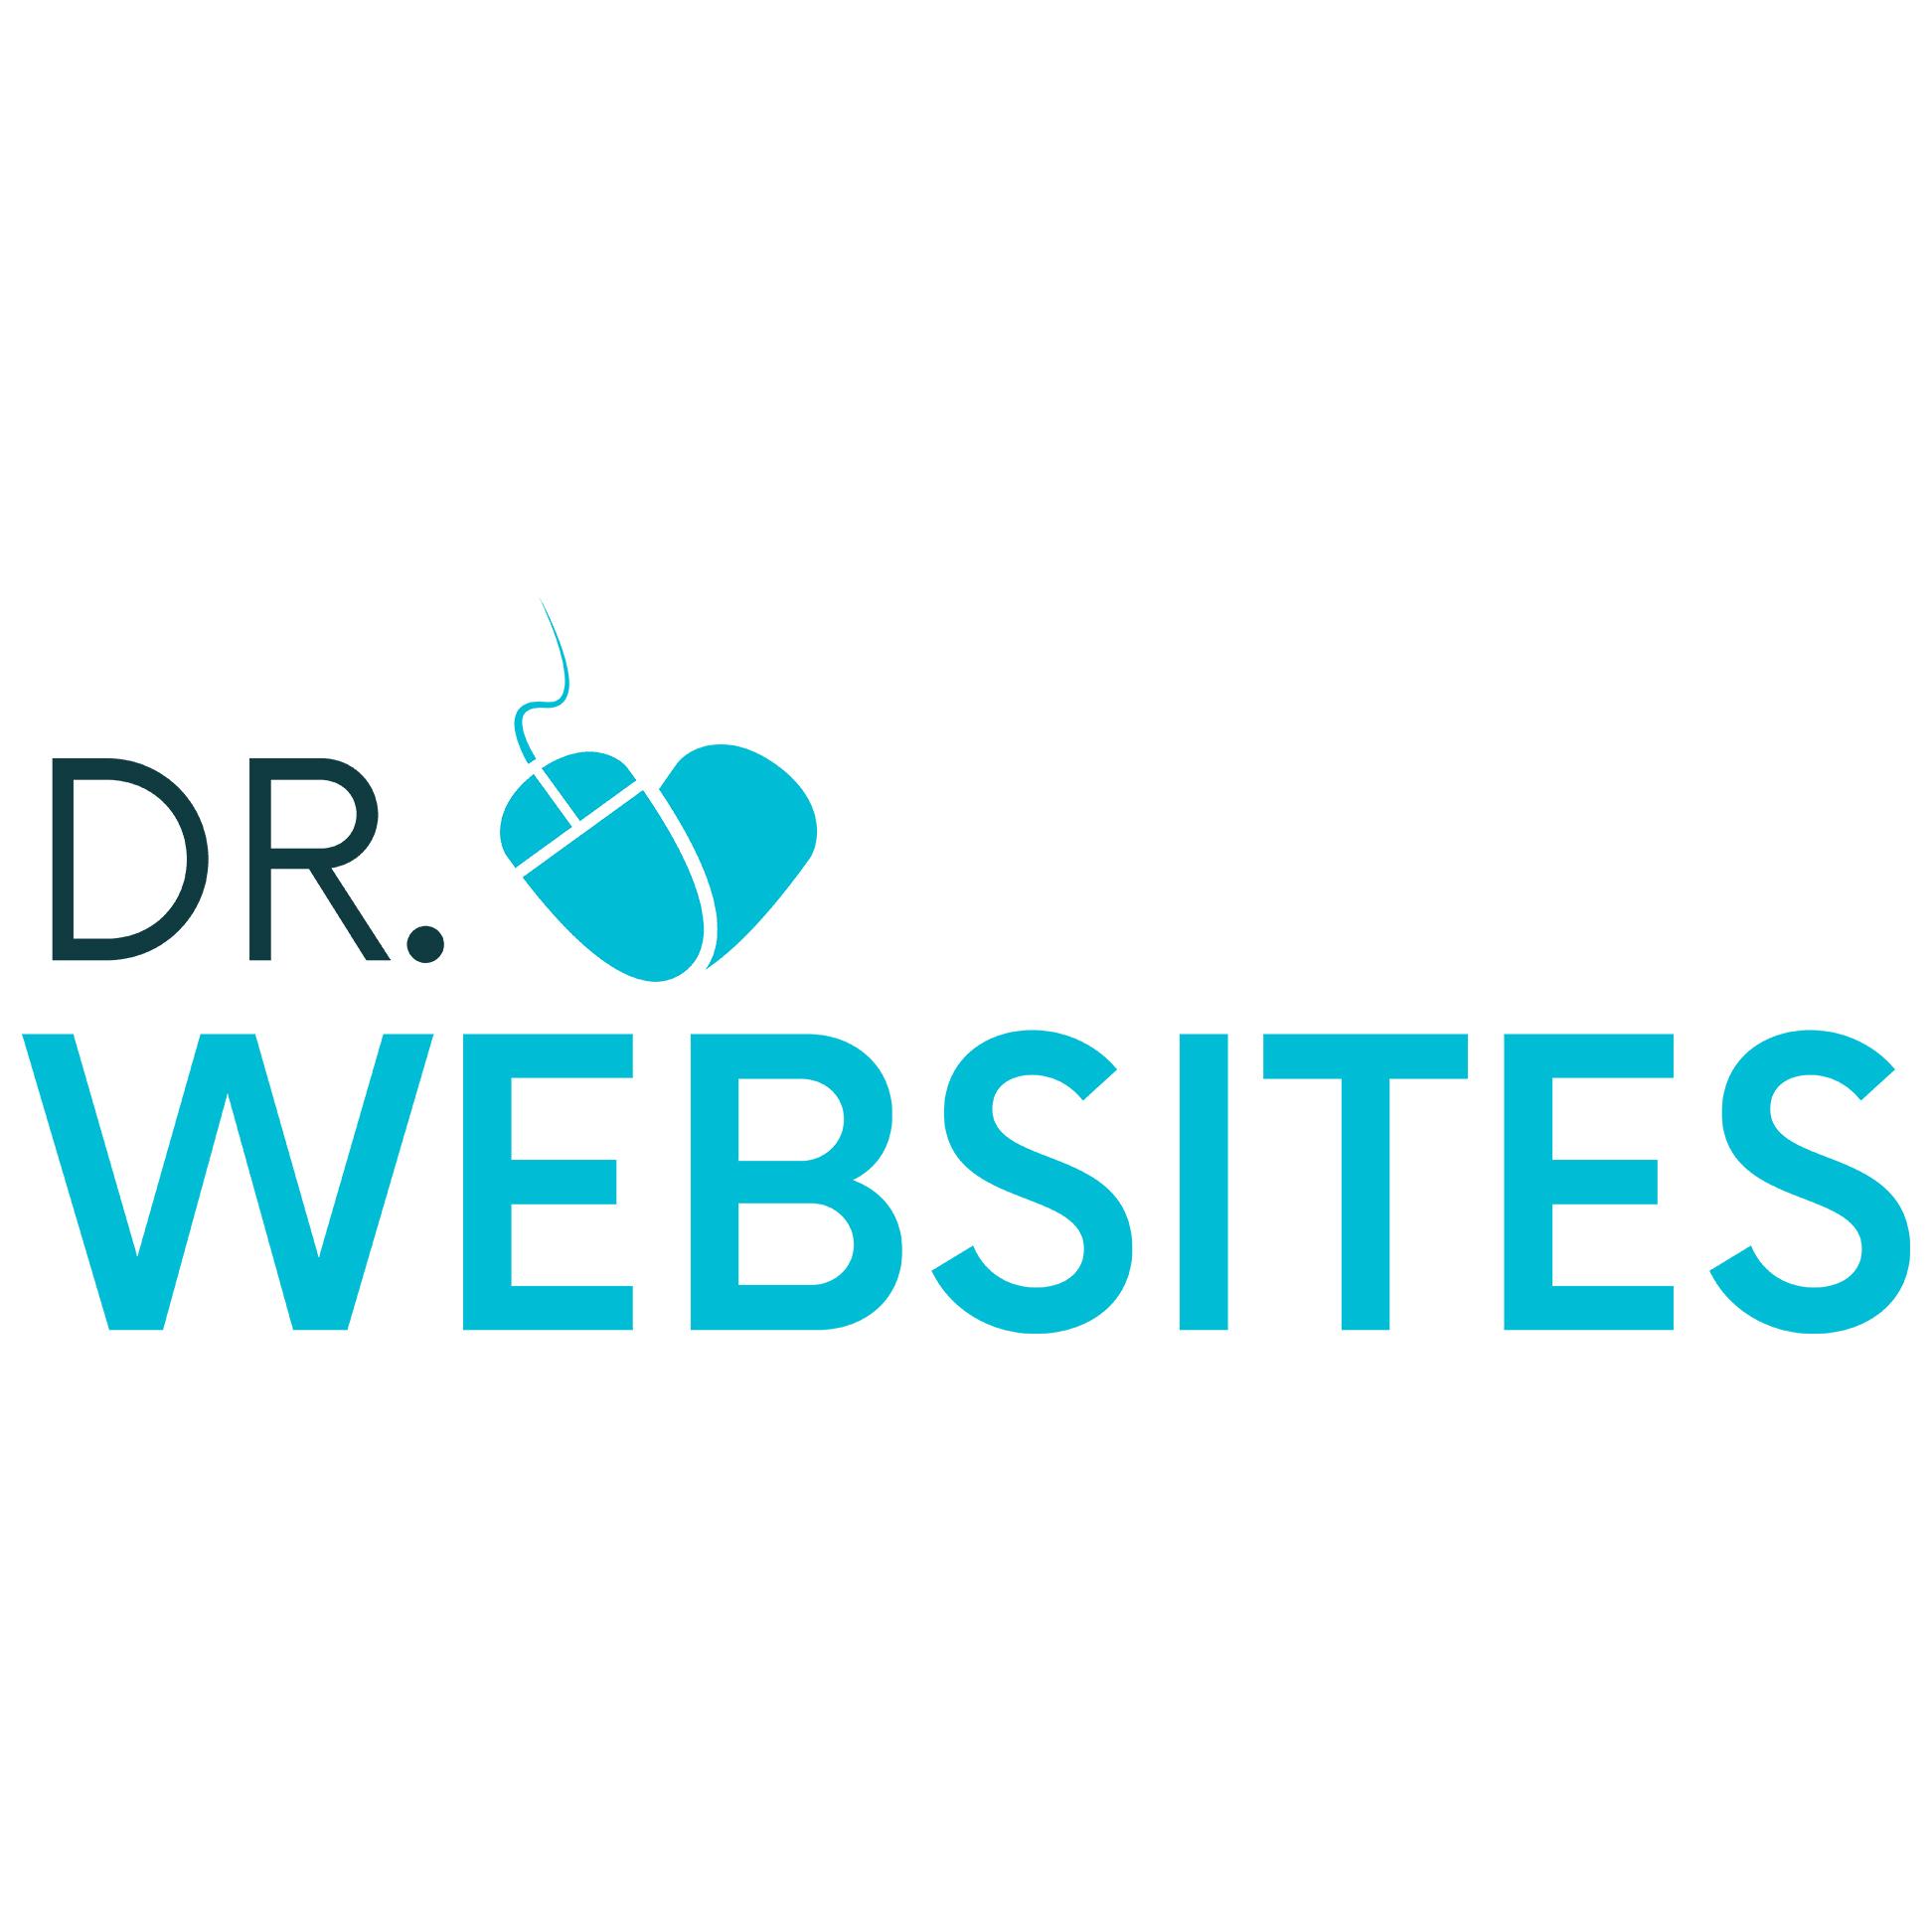 Dr. Websites